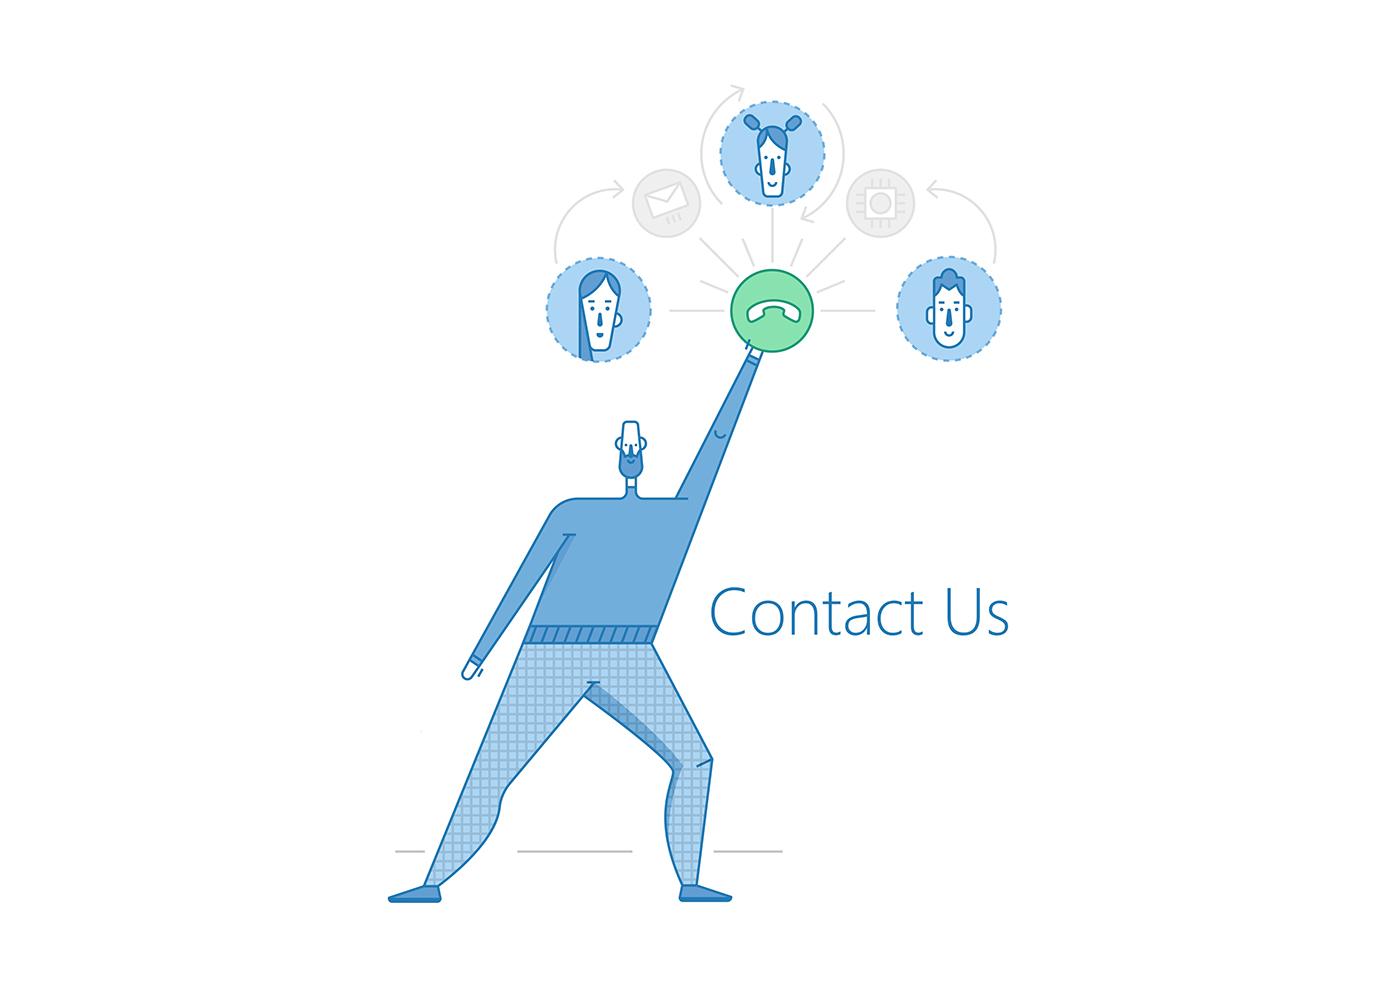 Contact Us (векторная иллюстрация в линейном стиле с элементами flat )